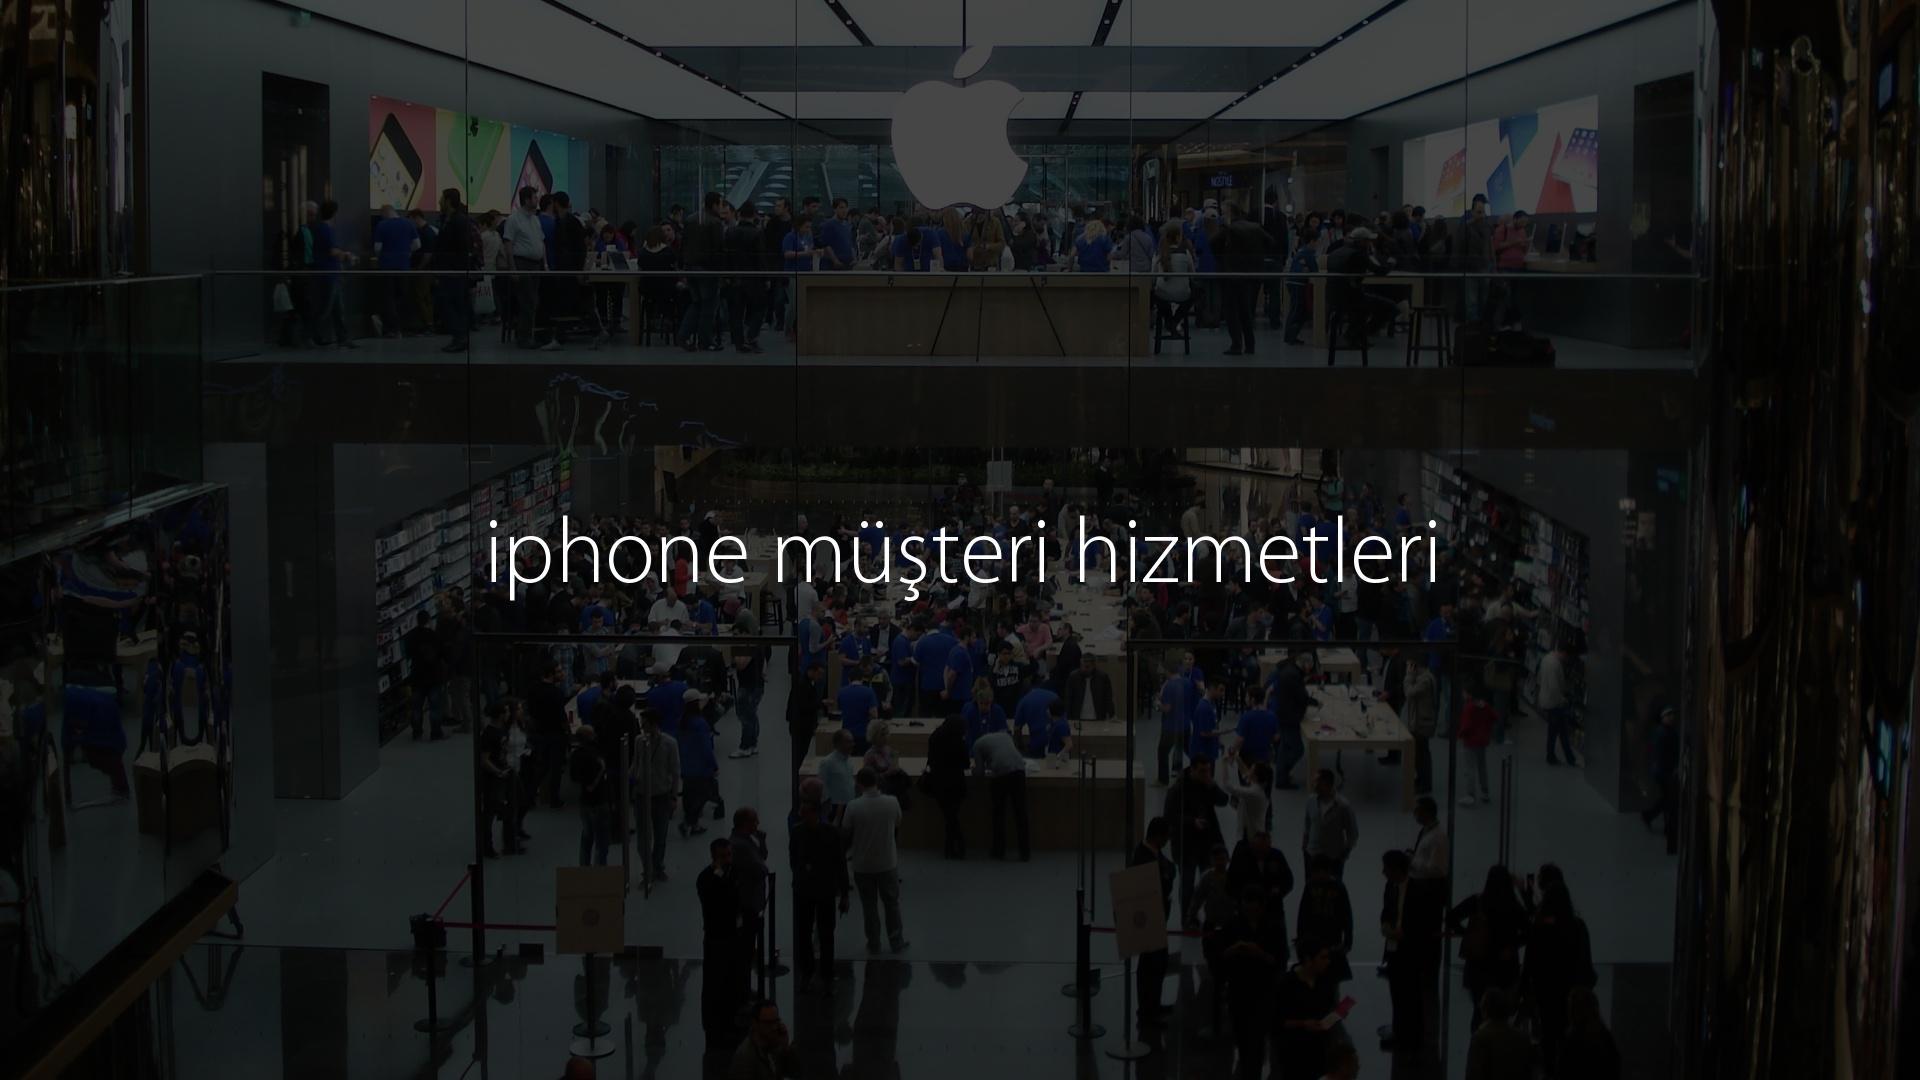 iphone müşteri hizmetleri